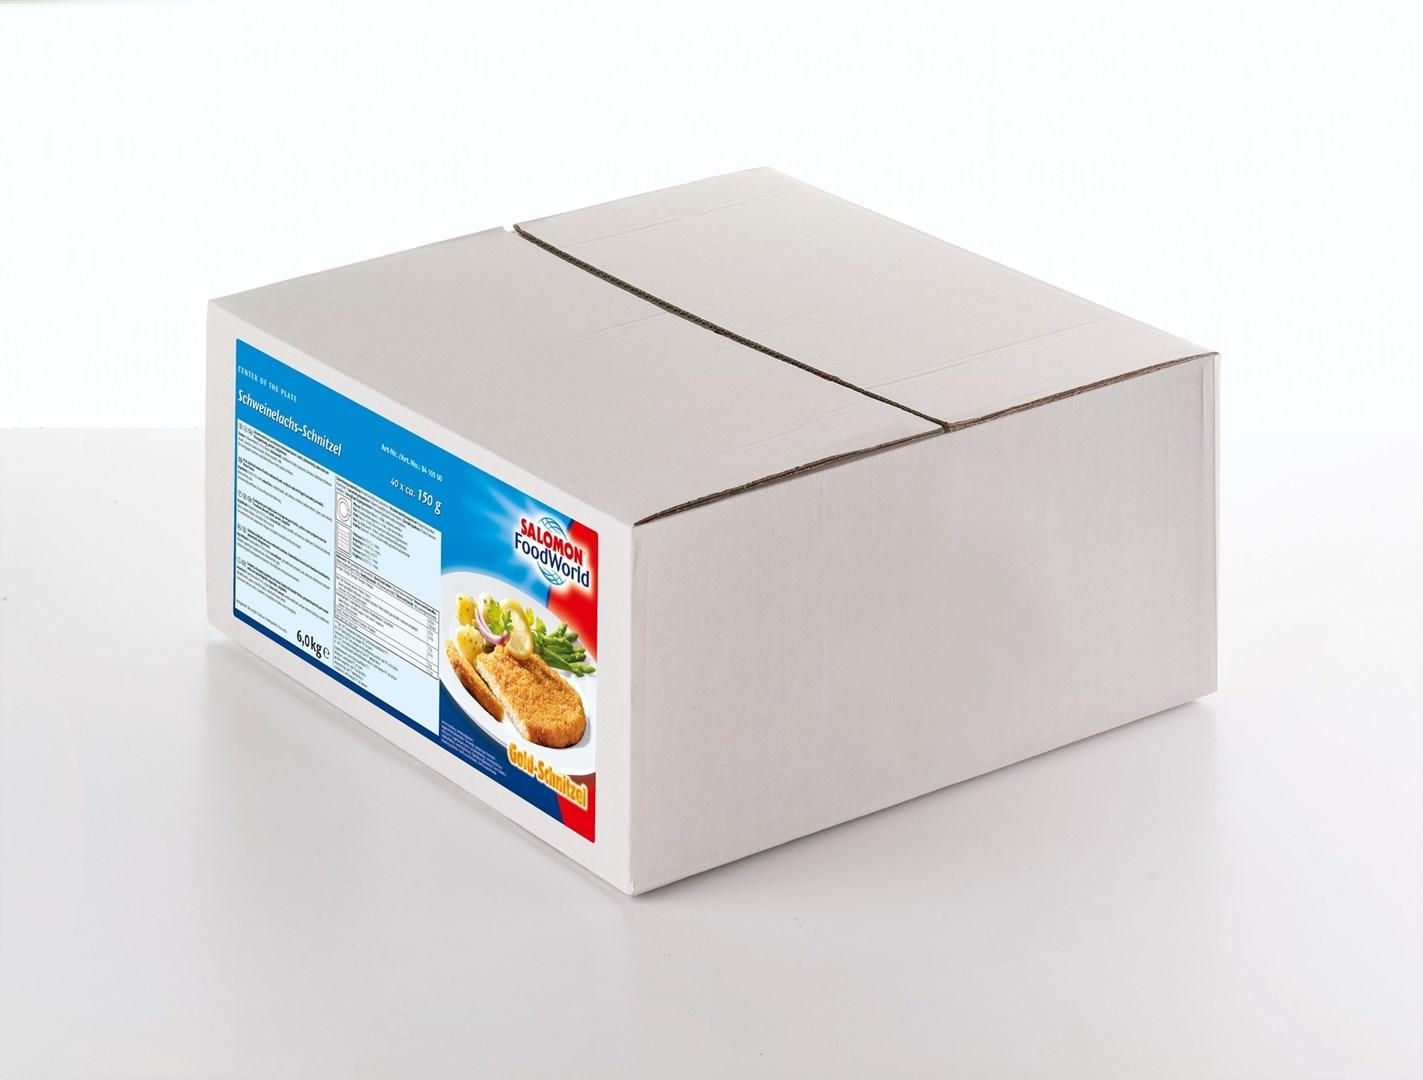 Productafbeelding MS Varkensfilet Schnitzel 150 g